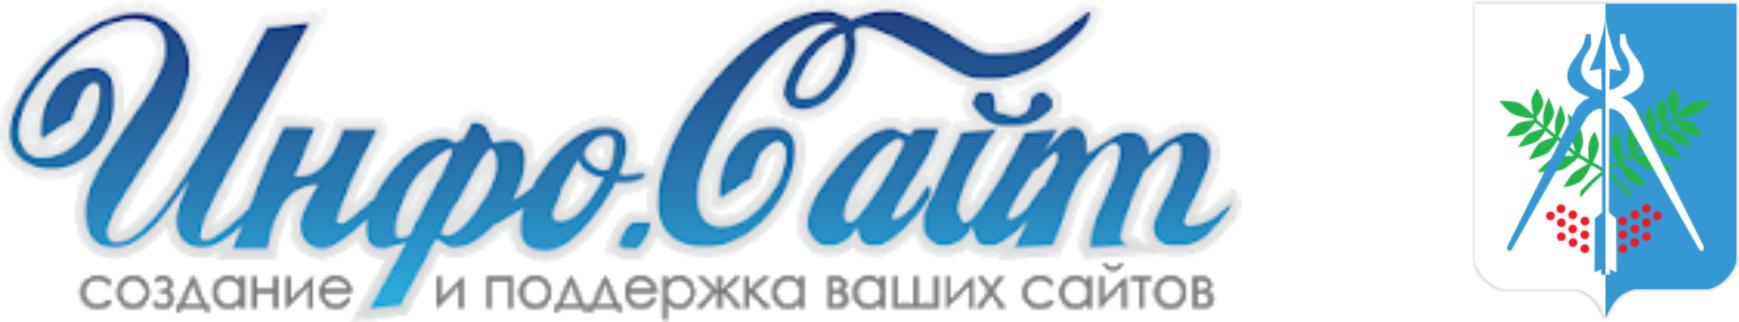 Ижевск 🌍 Новости : Информационный агрегатор Инфо-Сайт